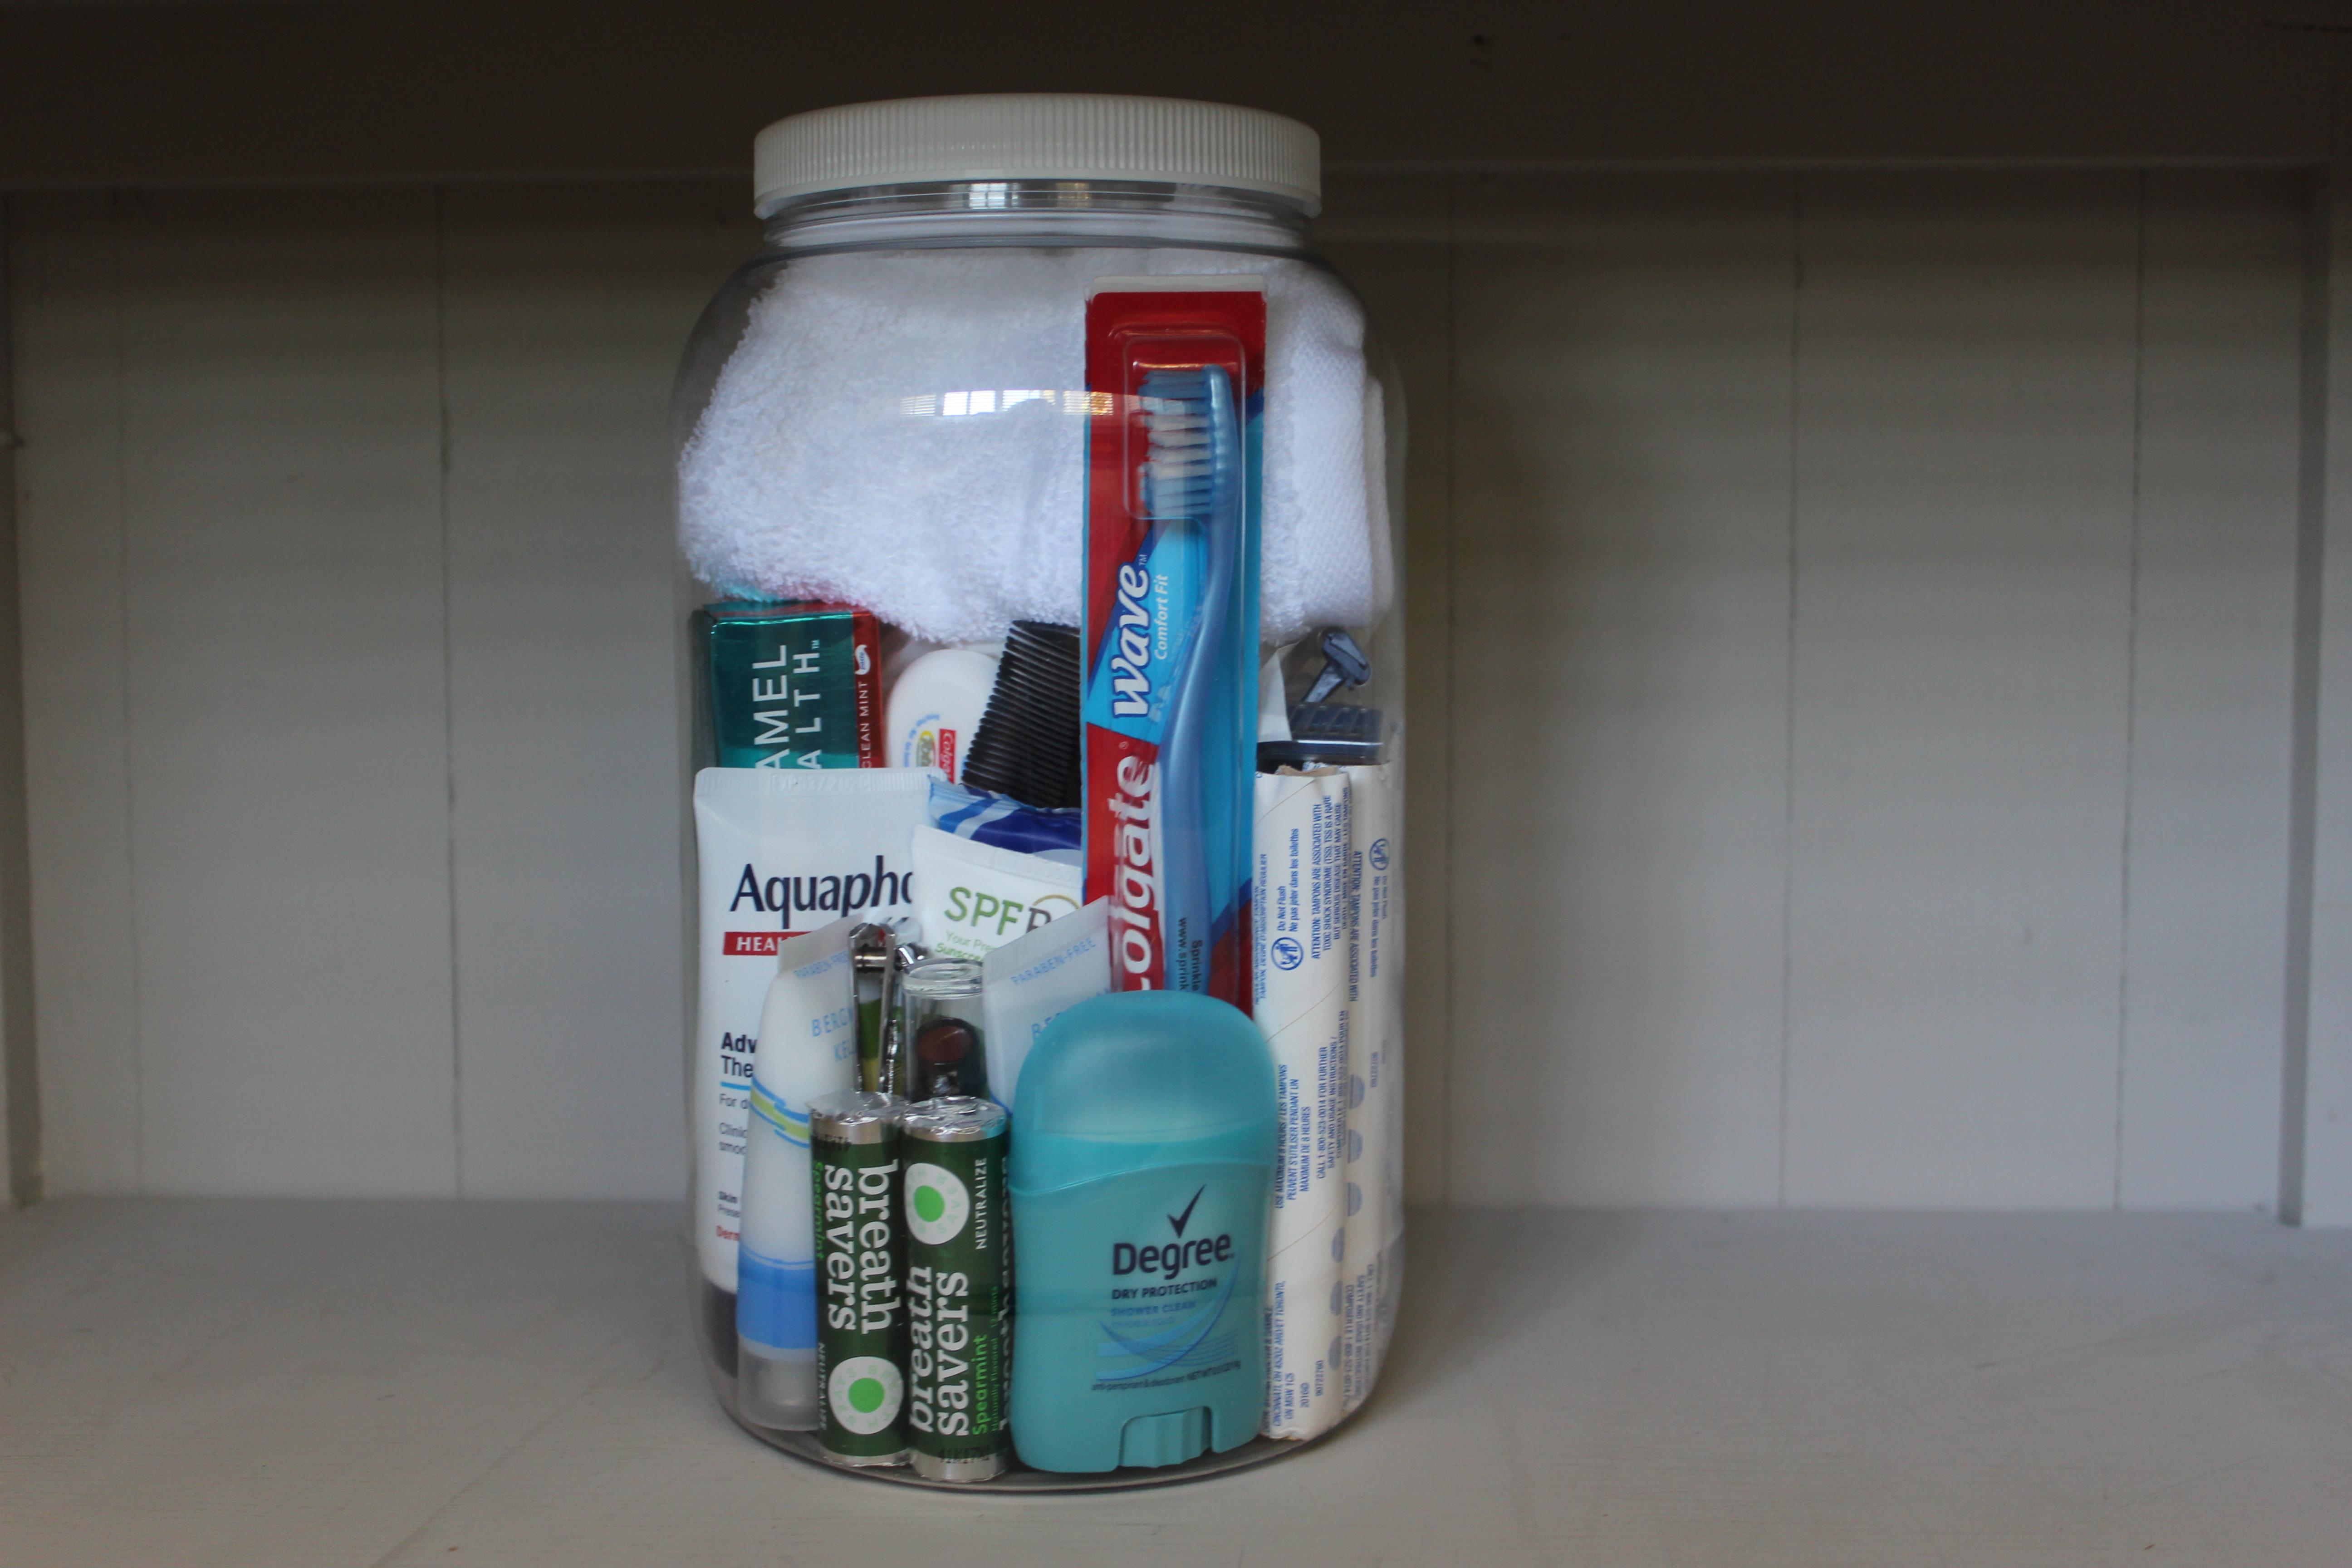 Women's Toiletry Jar